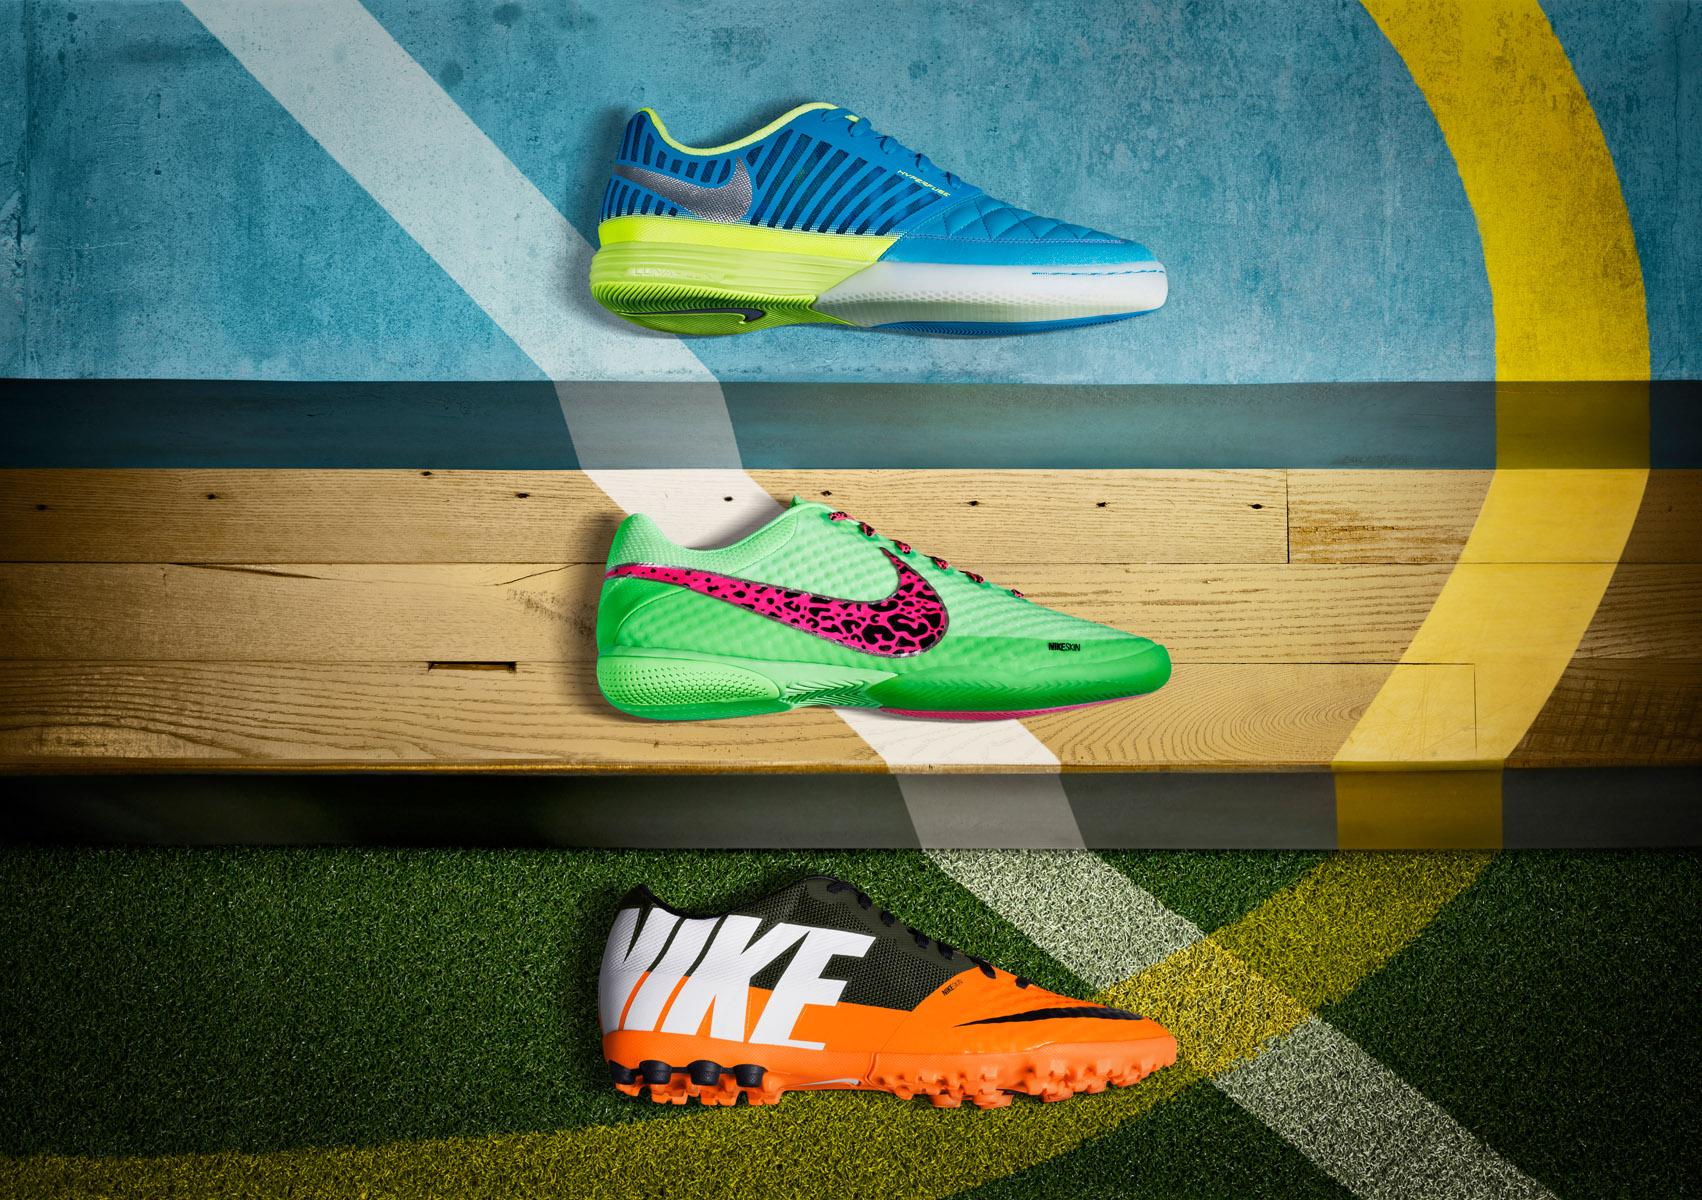 Nike_Footbal_FC247_Footwear_original.jpg